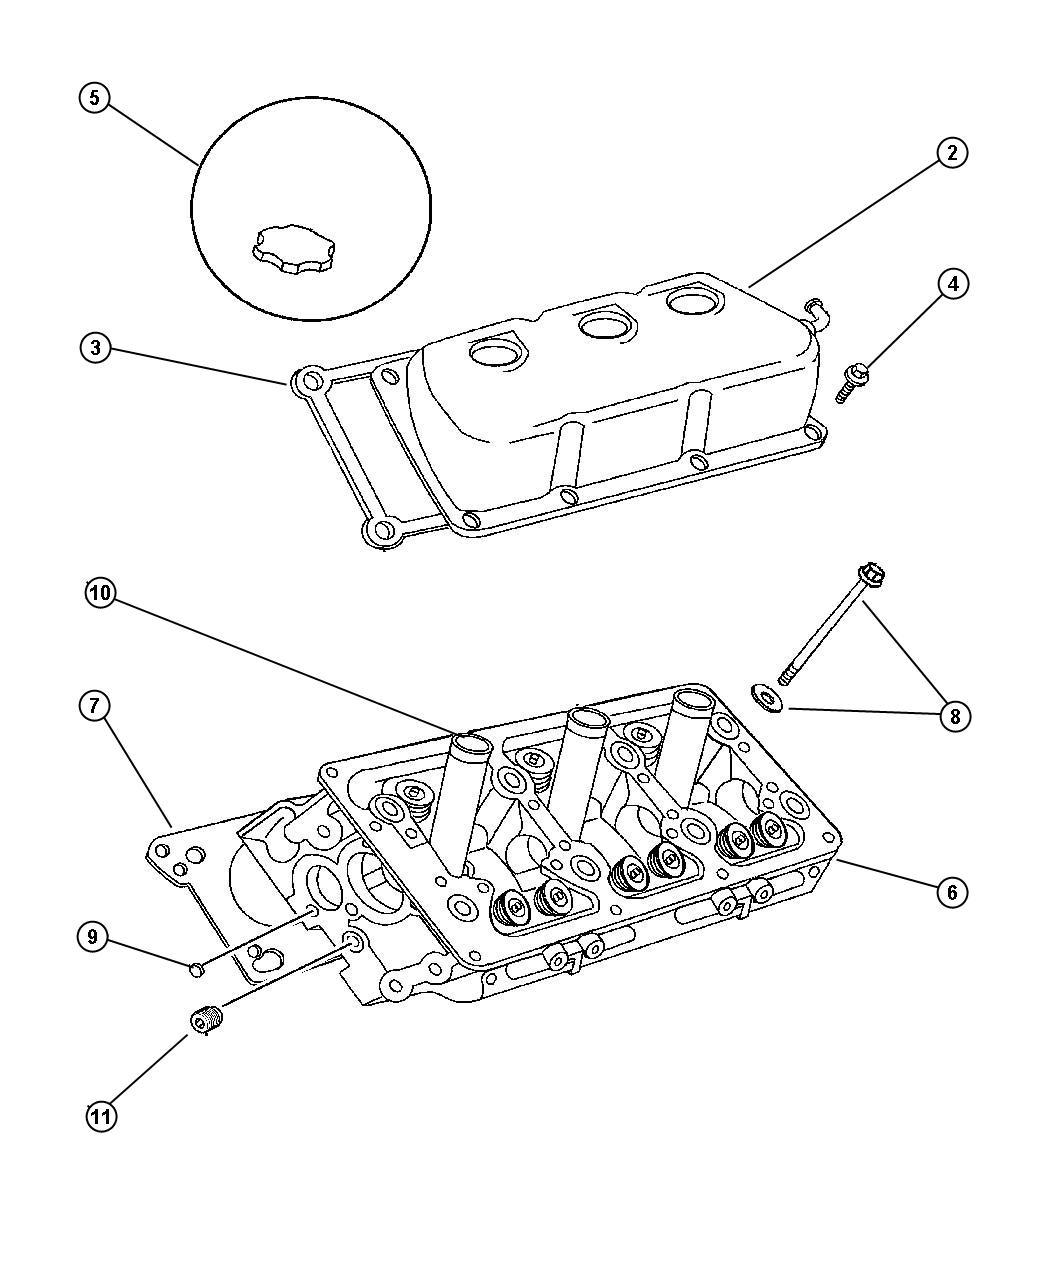 Chrysler Sebring Seal Spark Plug Tube